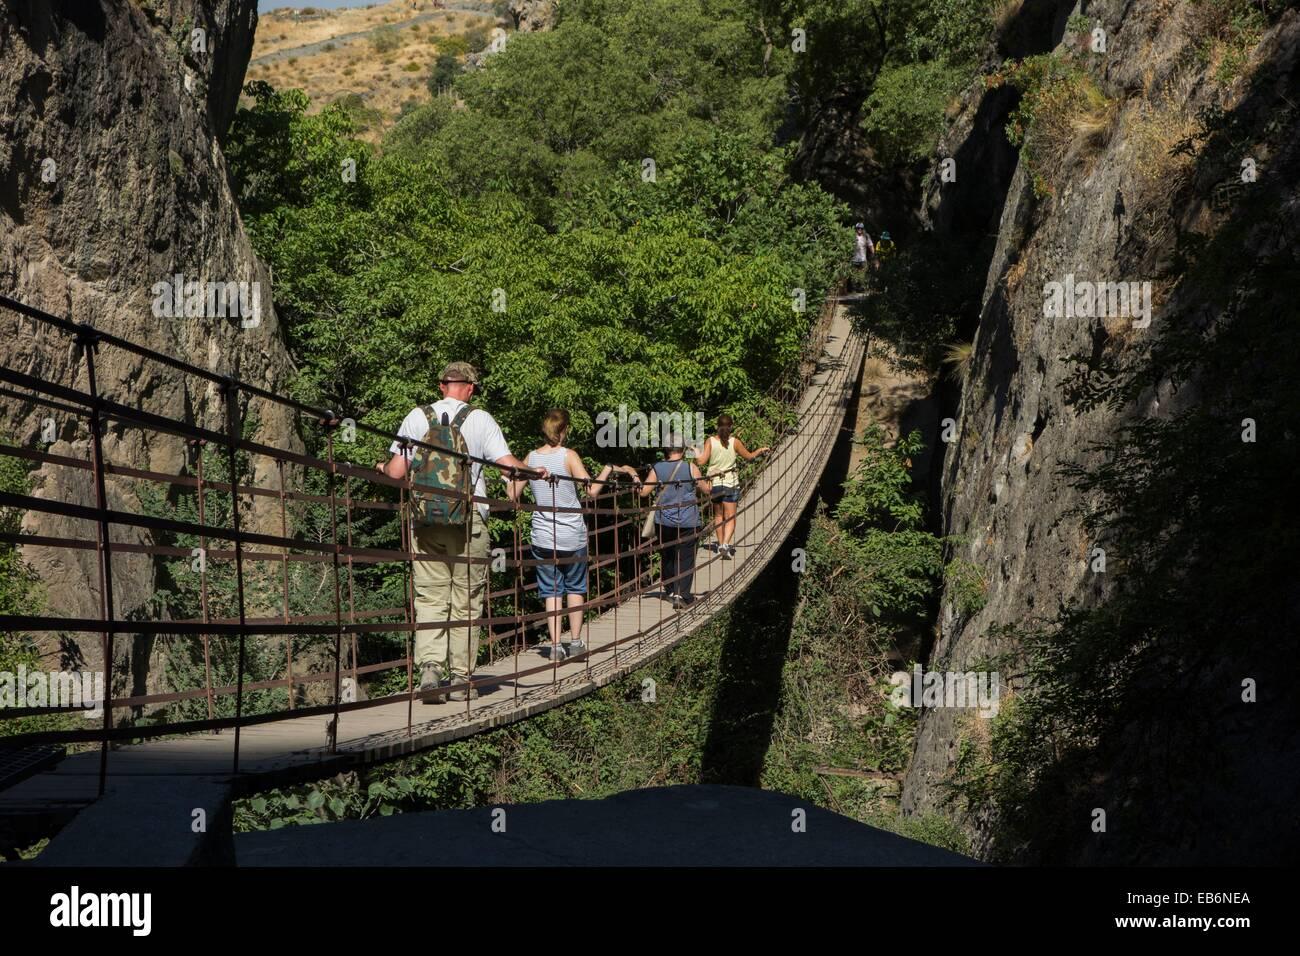 Suspension Bridge, Los Cahorros de Monachil, Monachil, Granada, Andalucia, province, Spain. Stock Photo